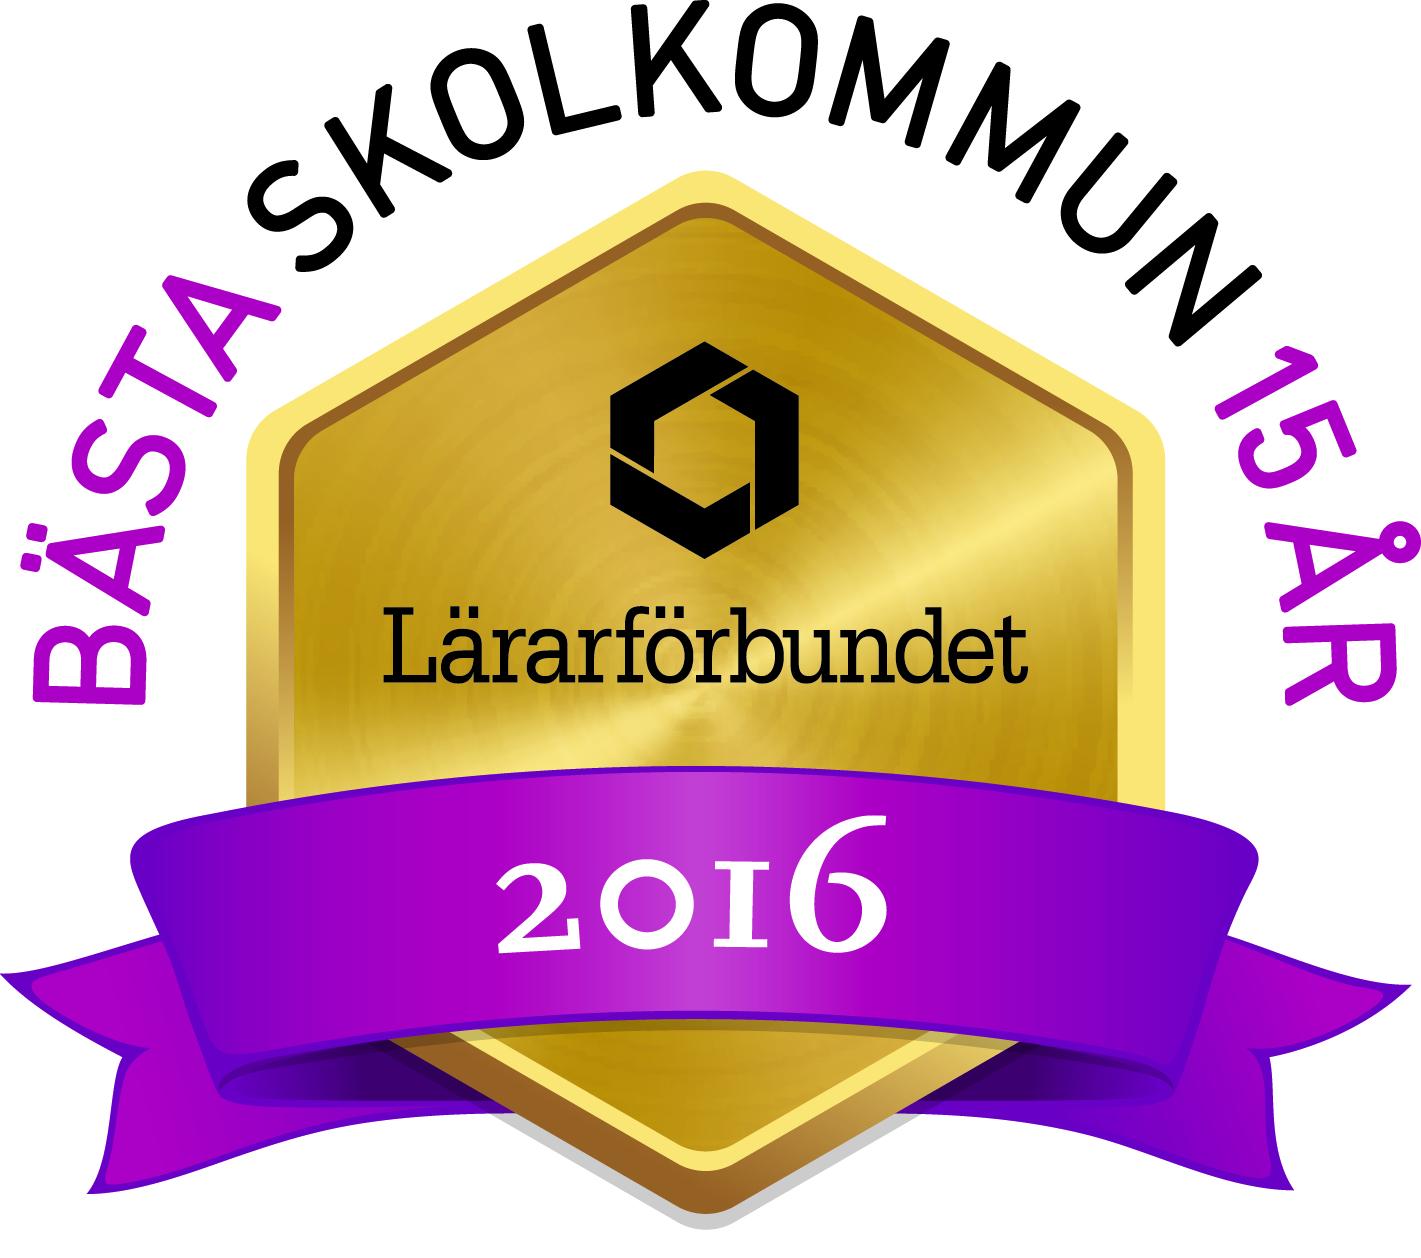 Sveriges bästa dejtingsida